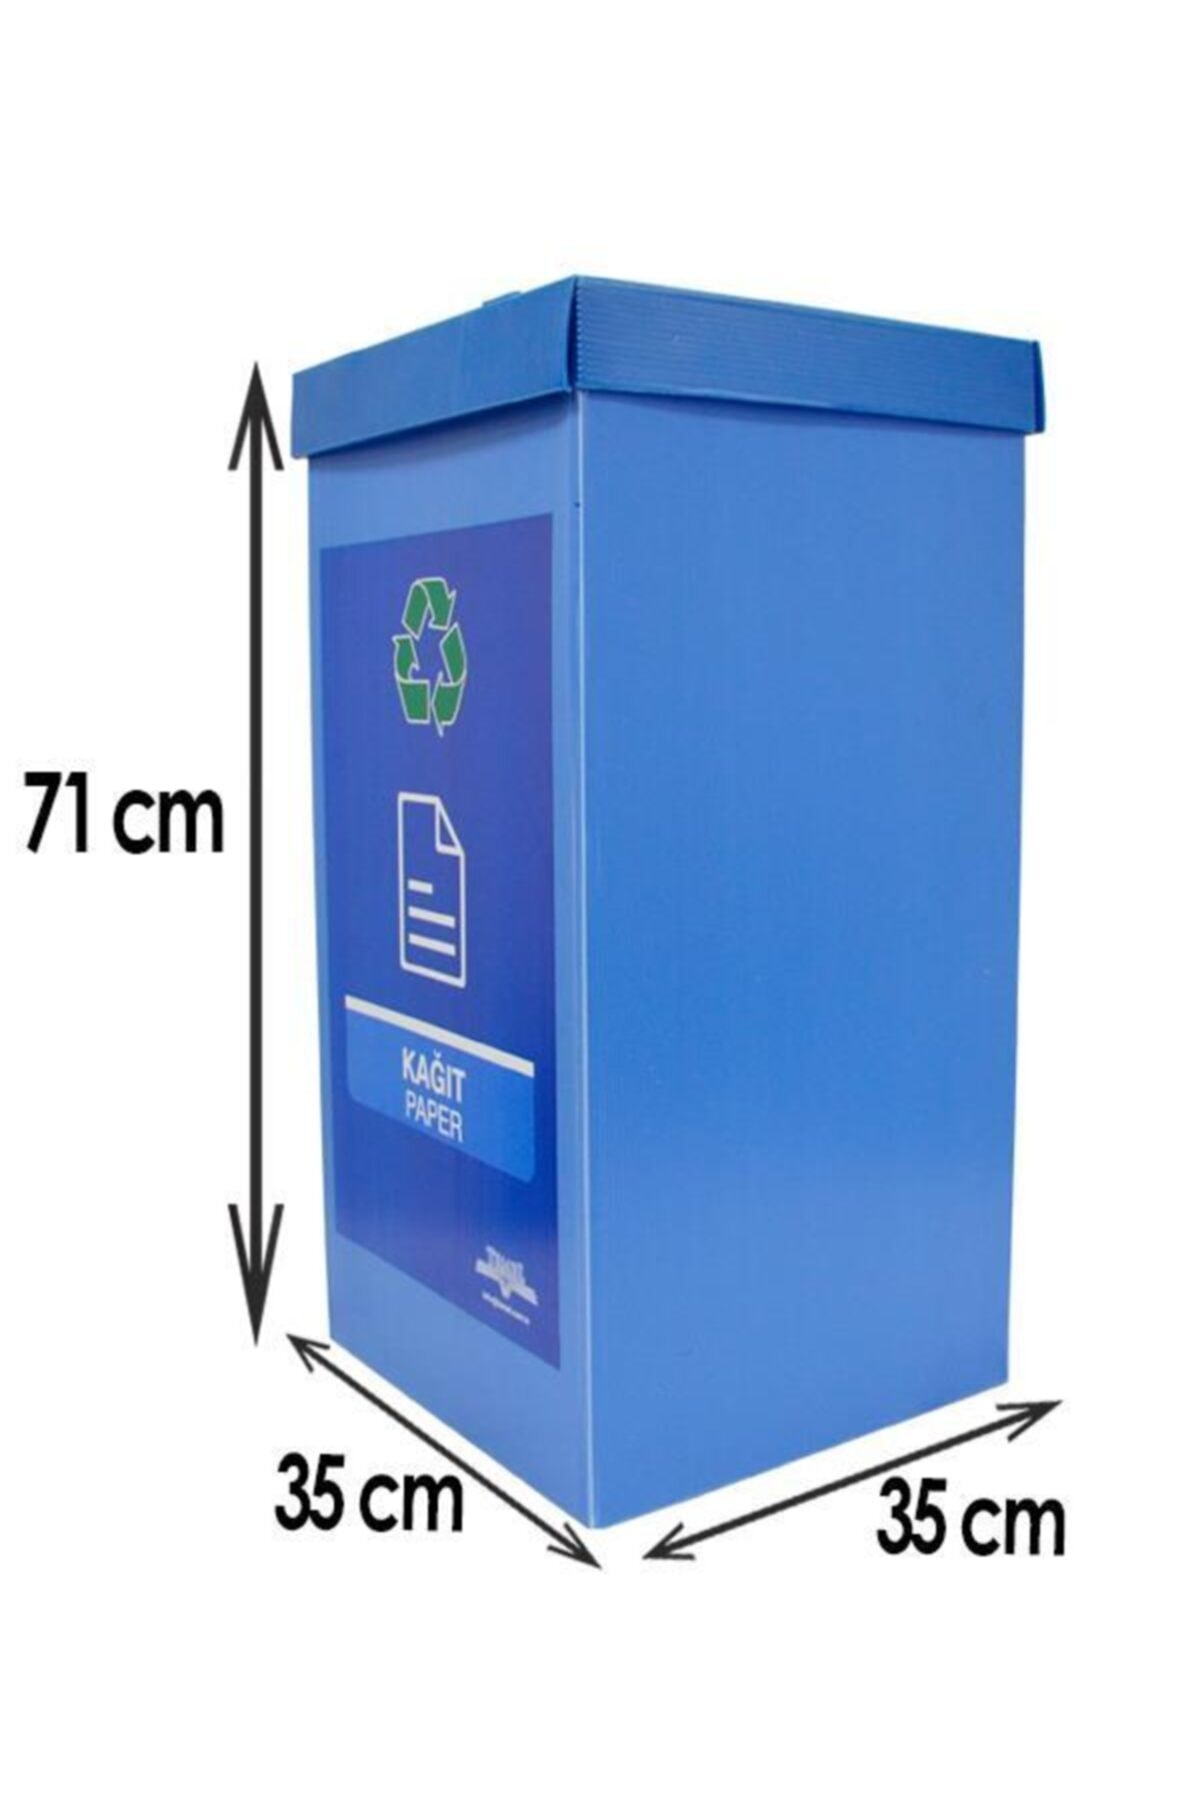 Temel 5'li Geri Dönüşüm Kutusu - Sıfır Atık Kutusu Seti 5 Adet